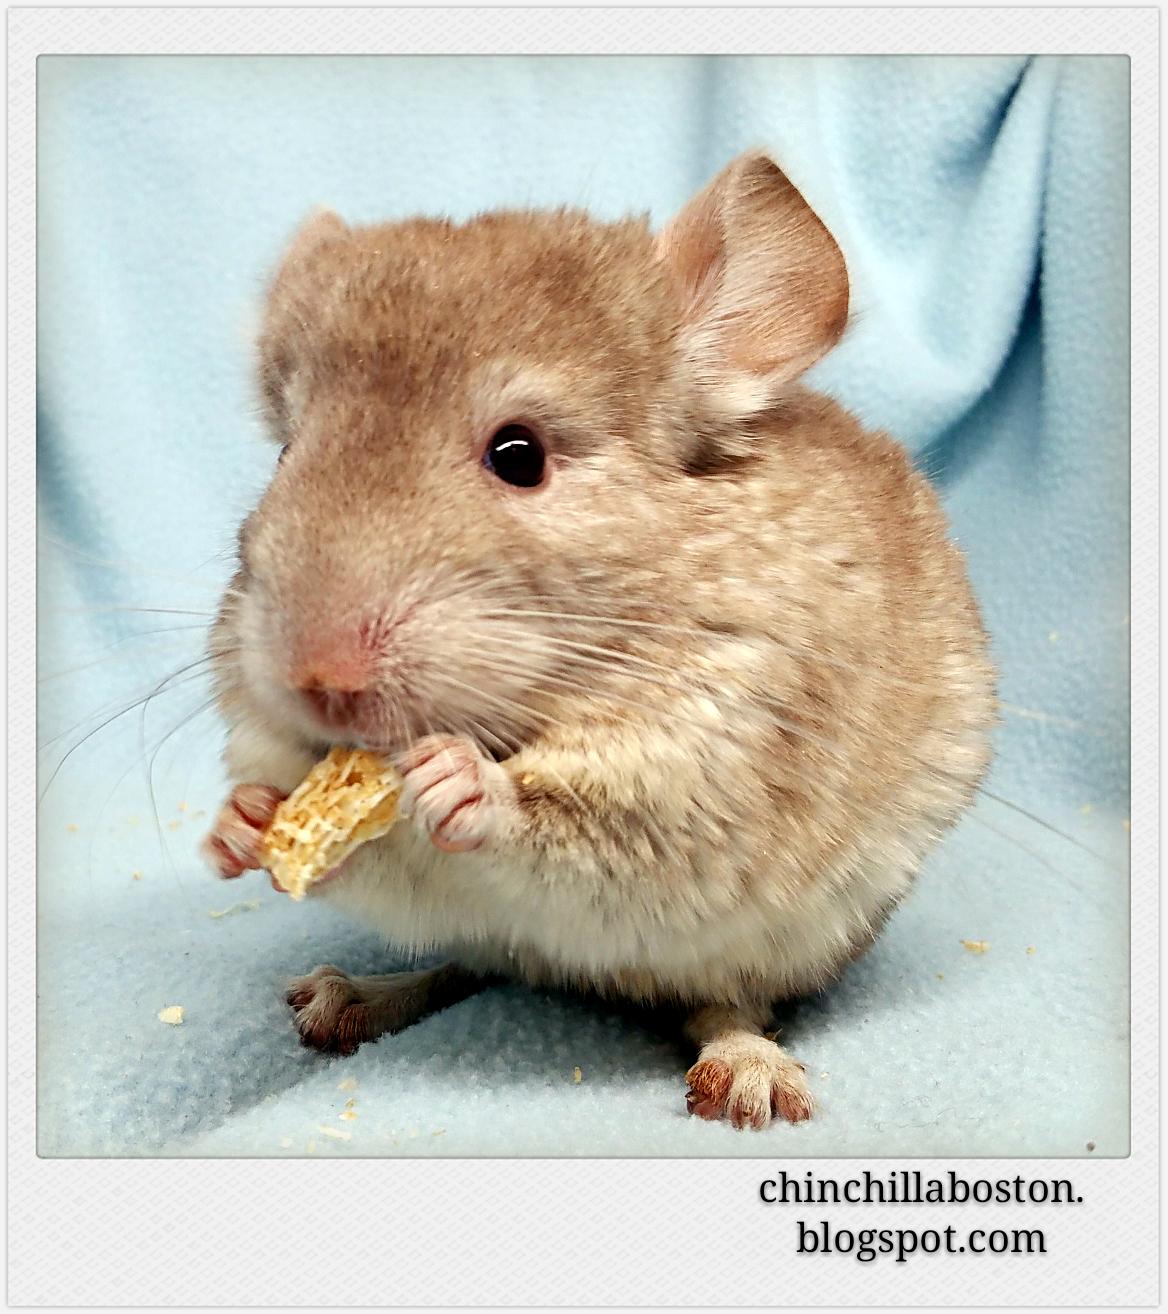 Chinchilla Boston: Adopted (Wagashi)